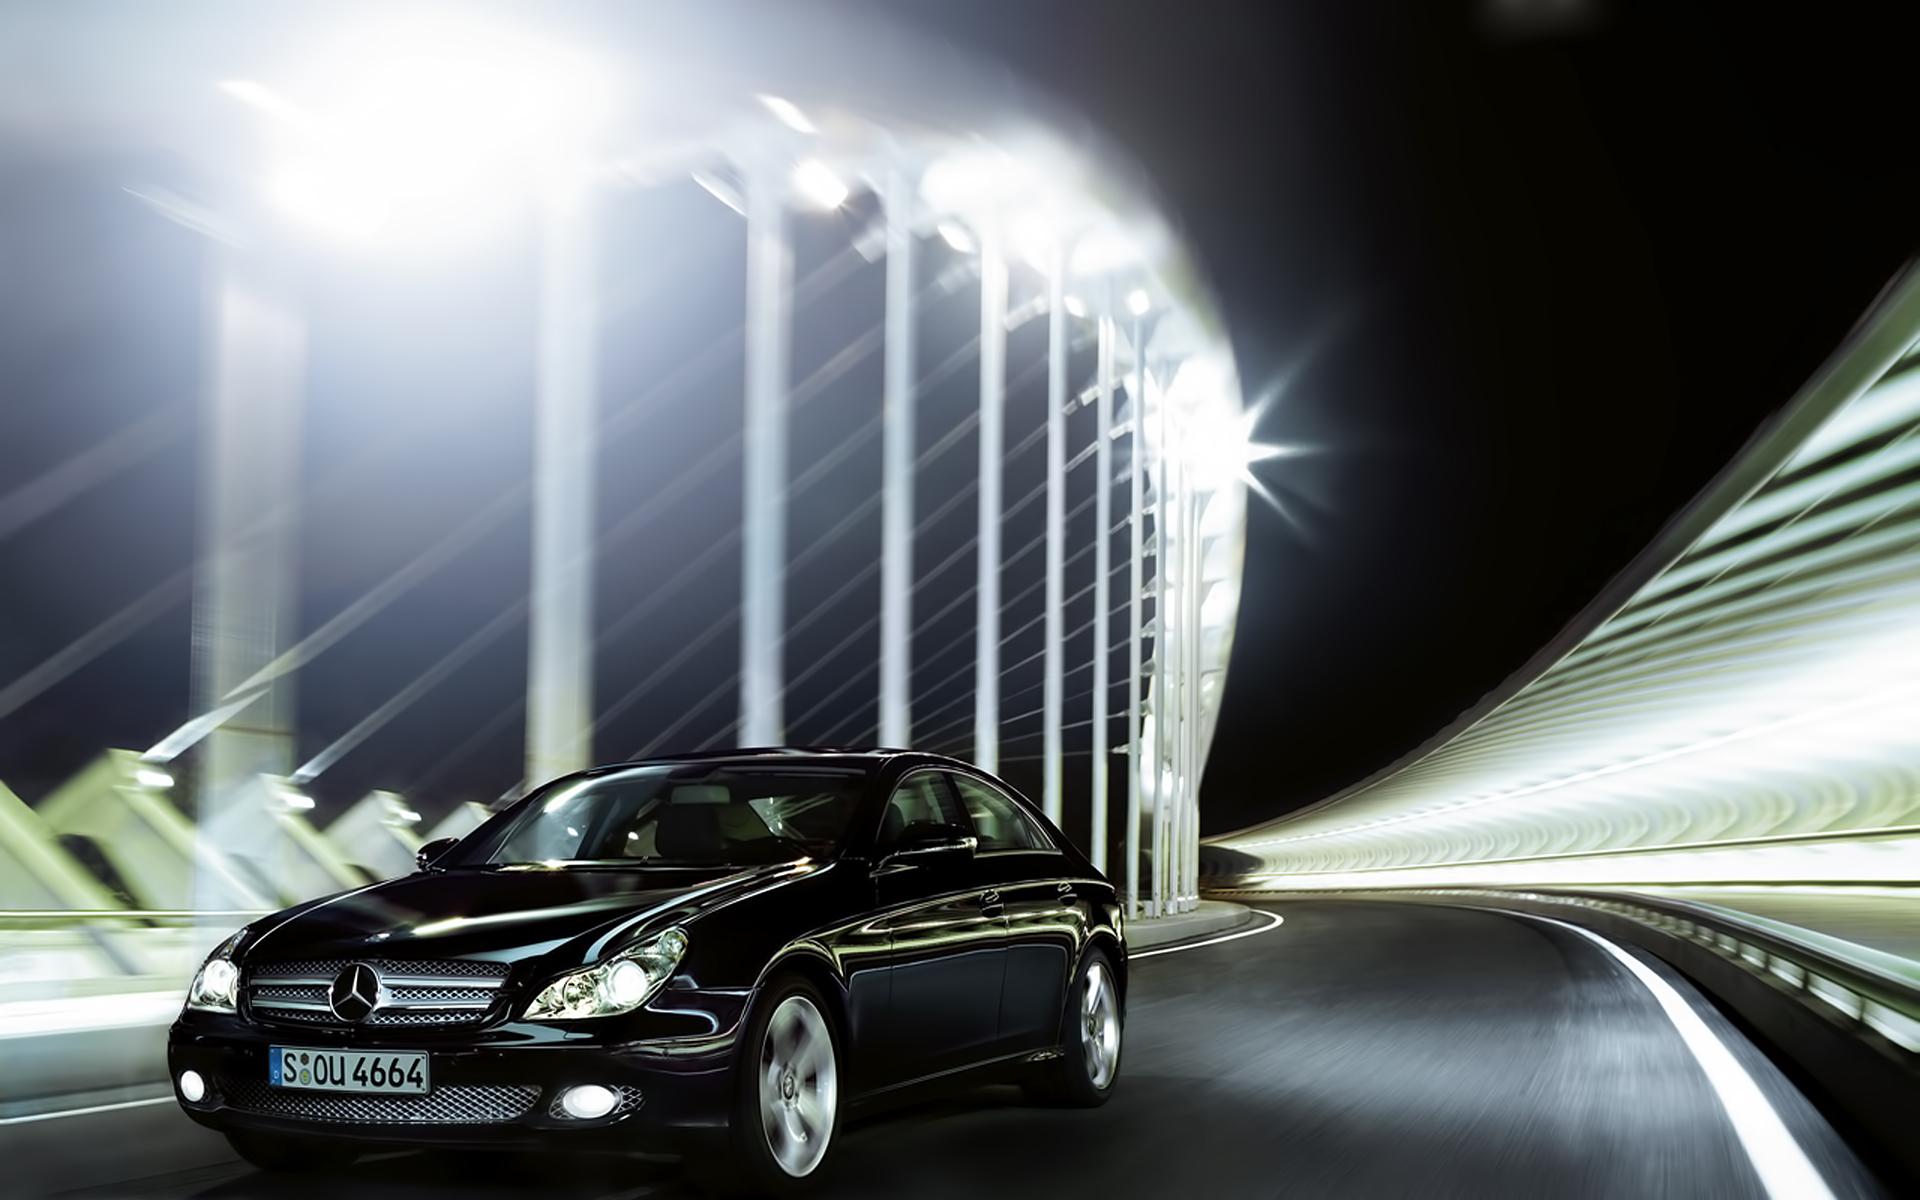 28430 скачать обои Транспорт, Машины, Мерседес (Mercedes) - заставки и картинки бесплатно